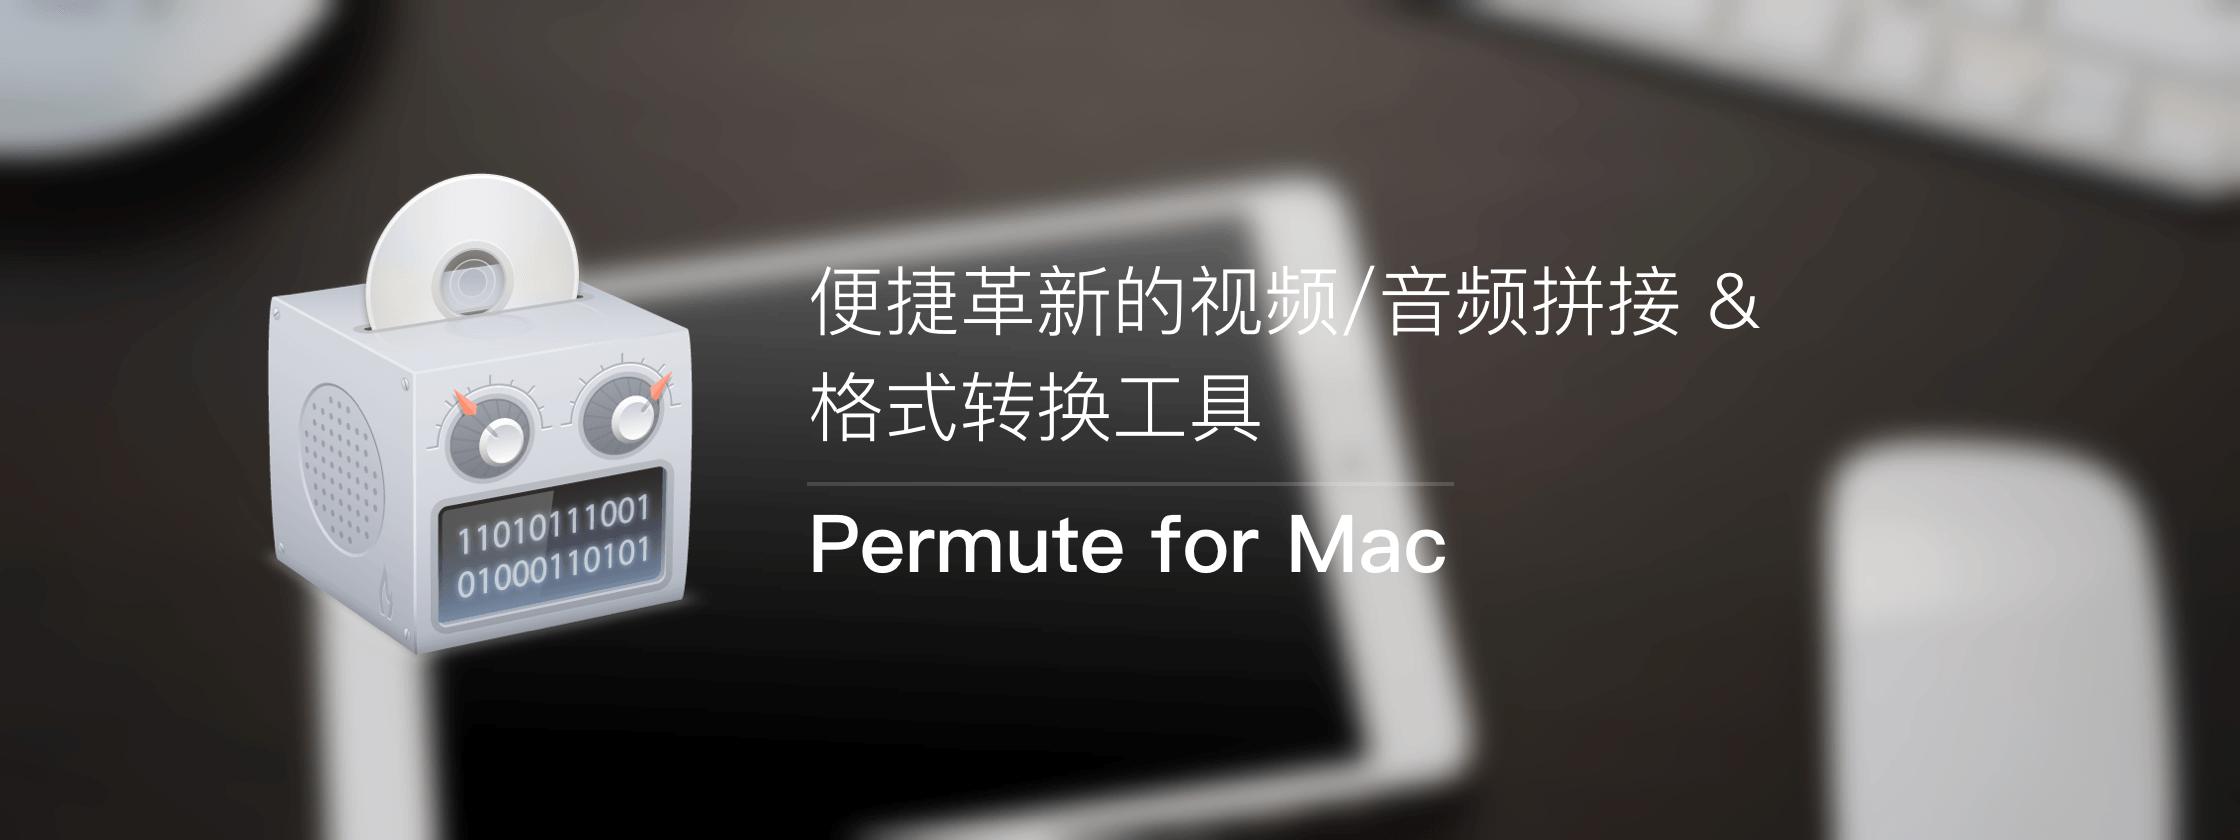 Permute for Mac – 便捷革新的视频 / 音频拼接 & 格式转换工具